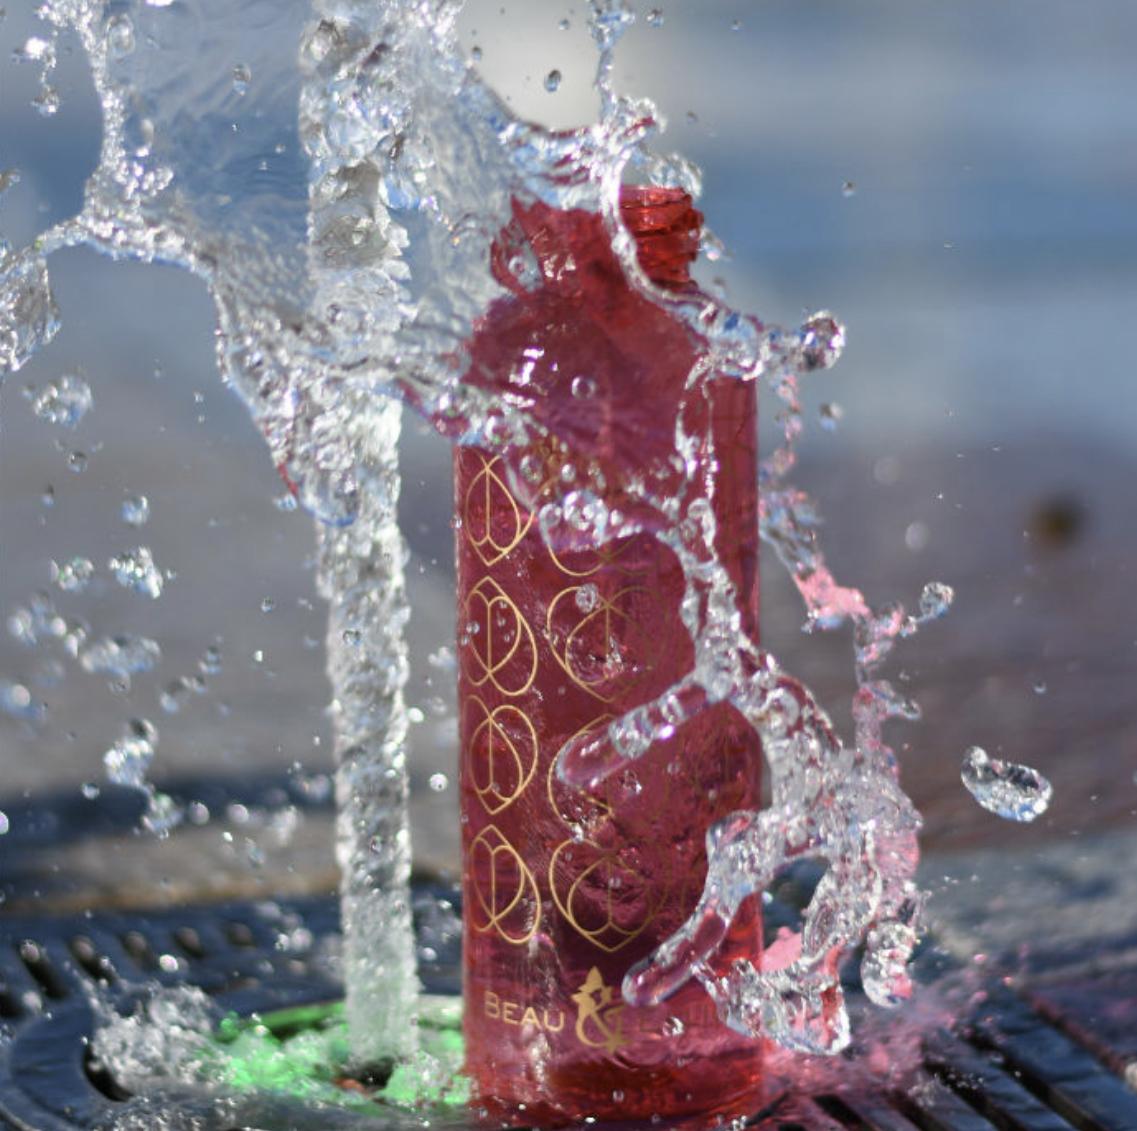 ORCHID DRINKS BOTTLE 500ML. BEAU & ELLIOT